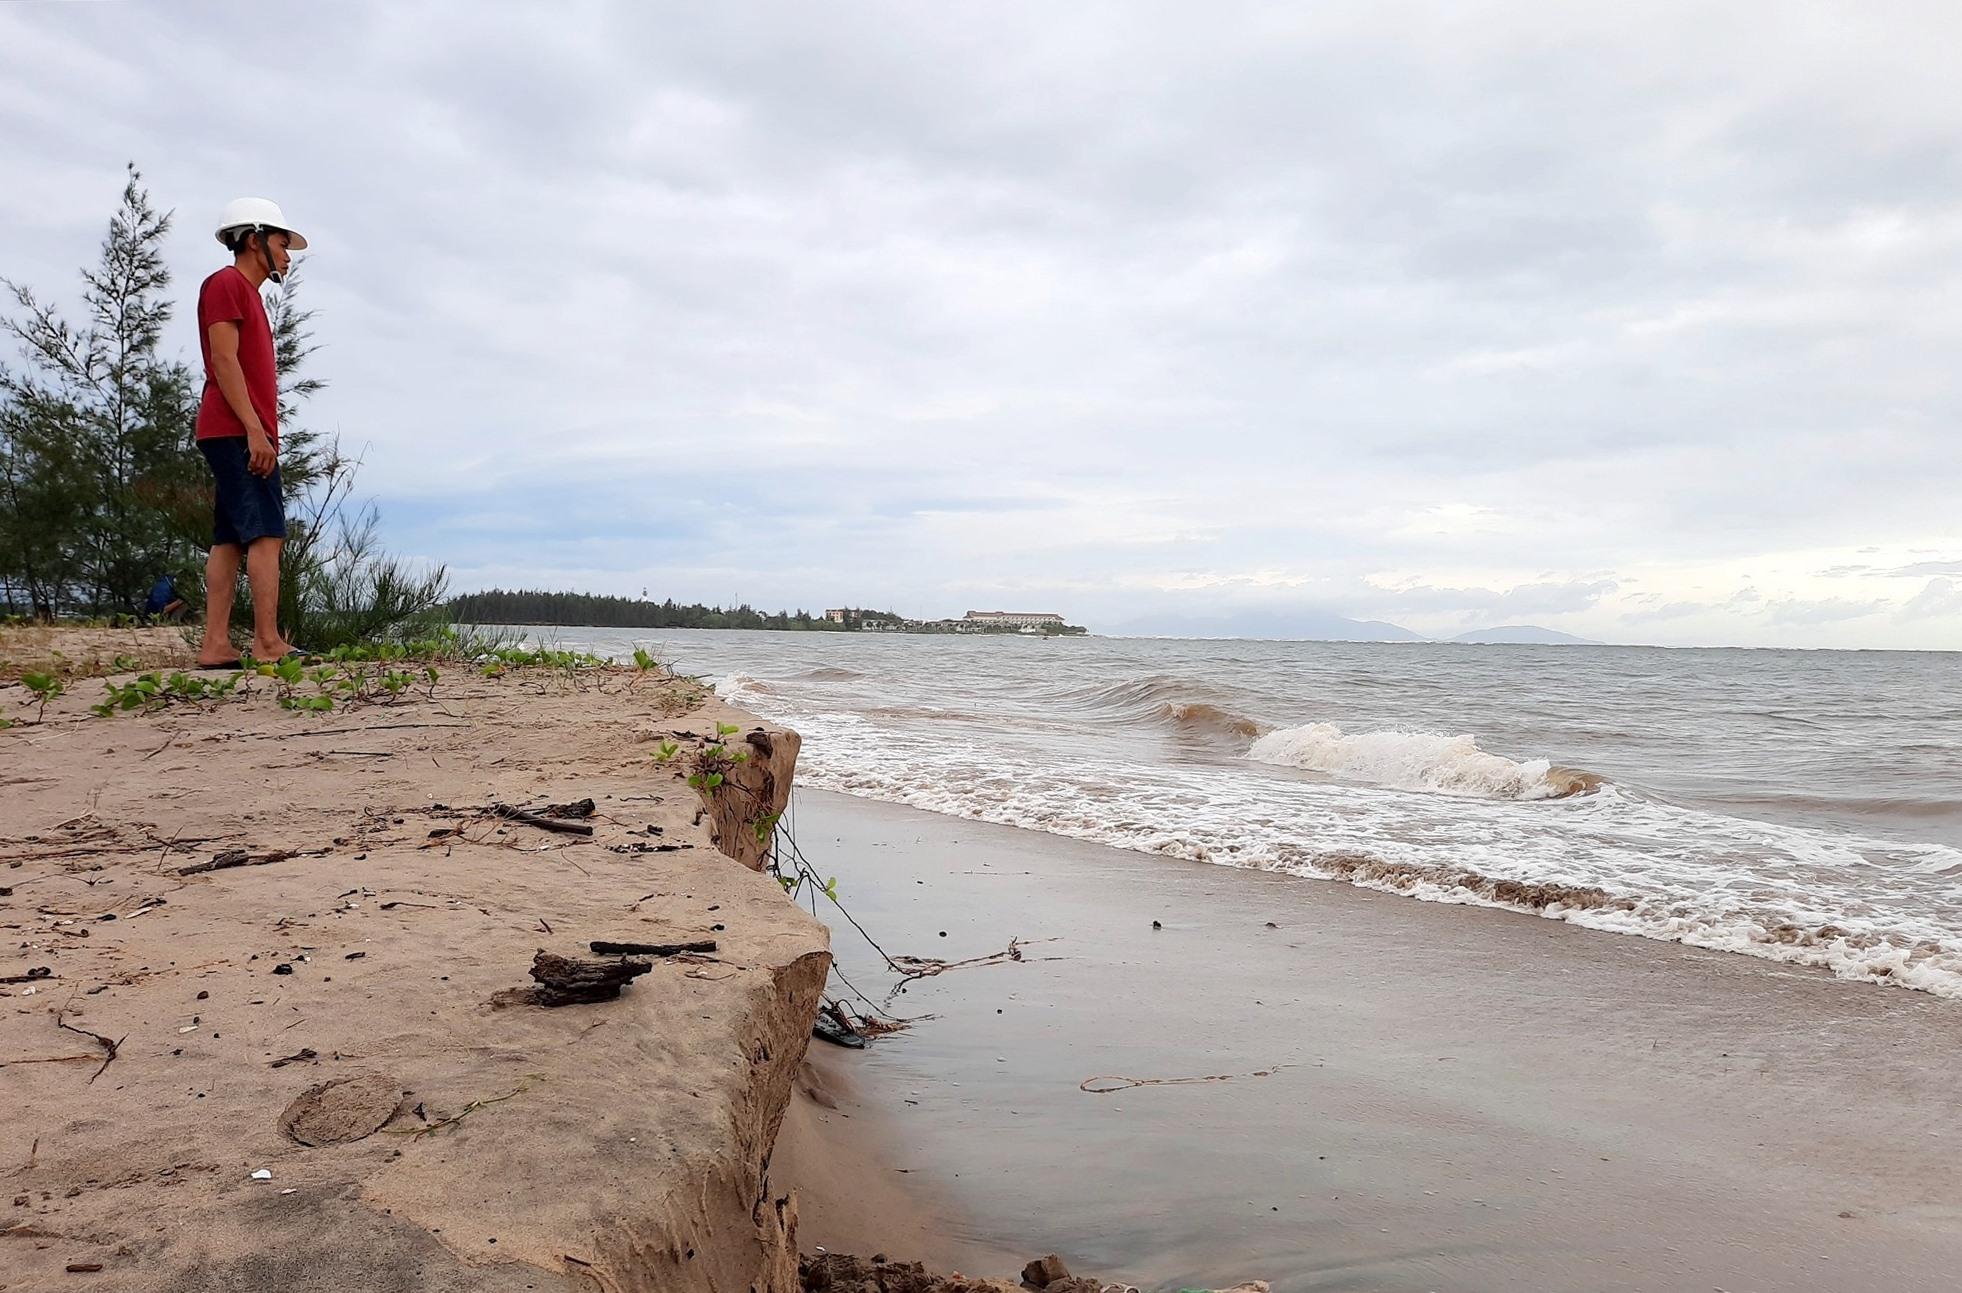 2km bờ biển thuộc xã Duy Hải bị sạt lở mạnh do ảnh hưởng của cơn bão số 5. Ảnh: HỒ QUÂN